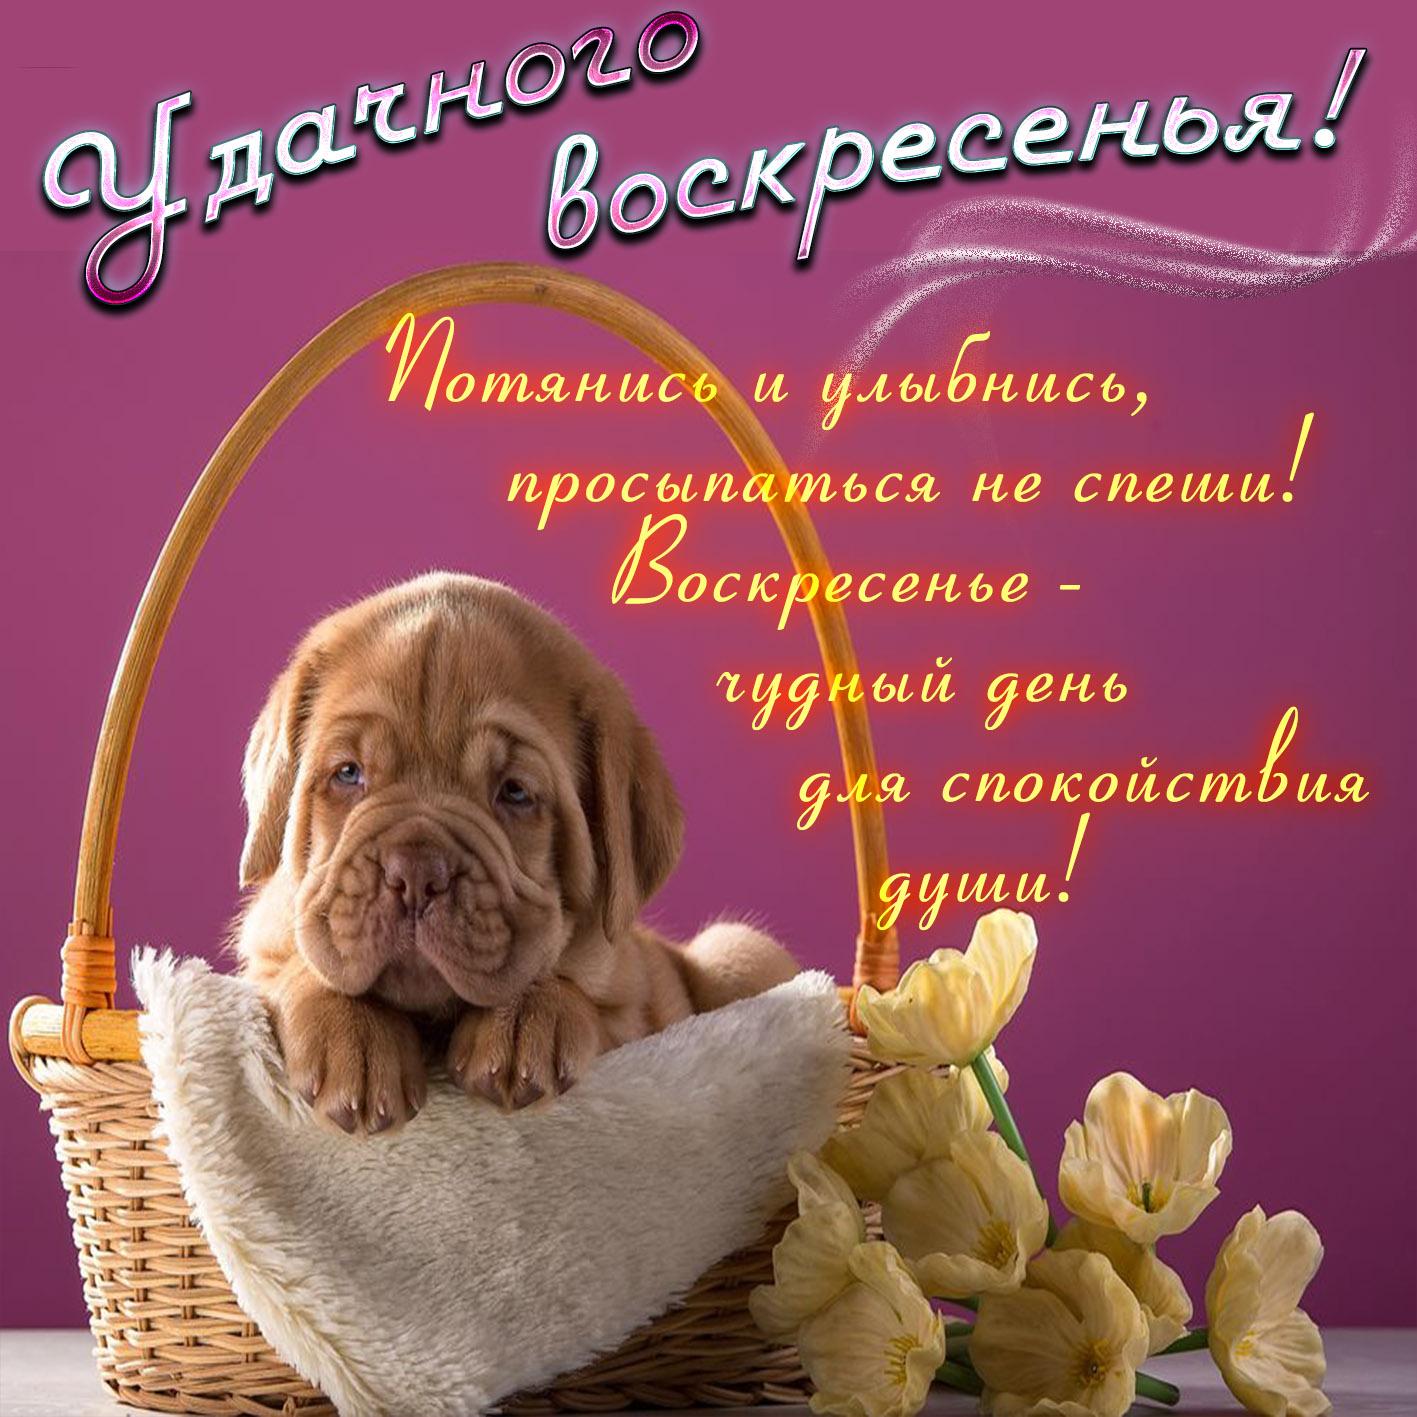 Приятного воскресного дня открытки красивые, поздравления отцу днем